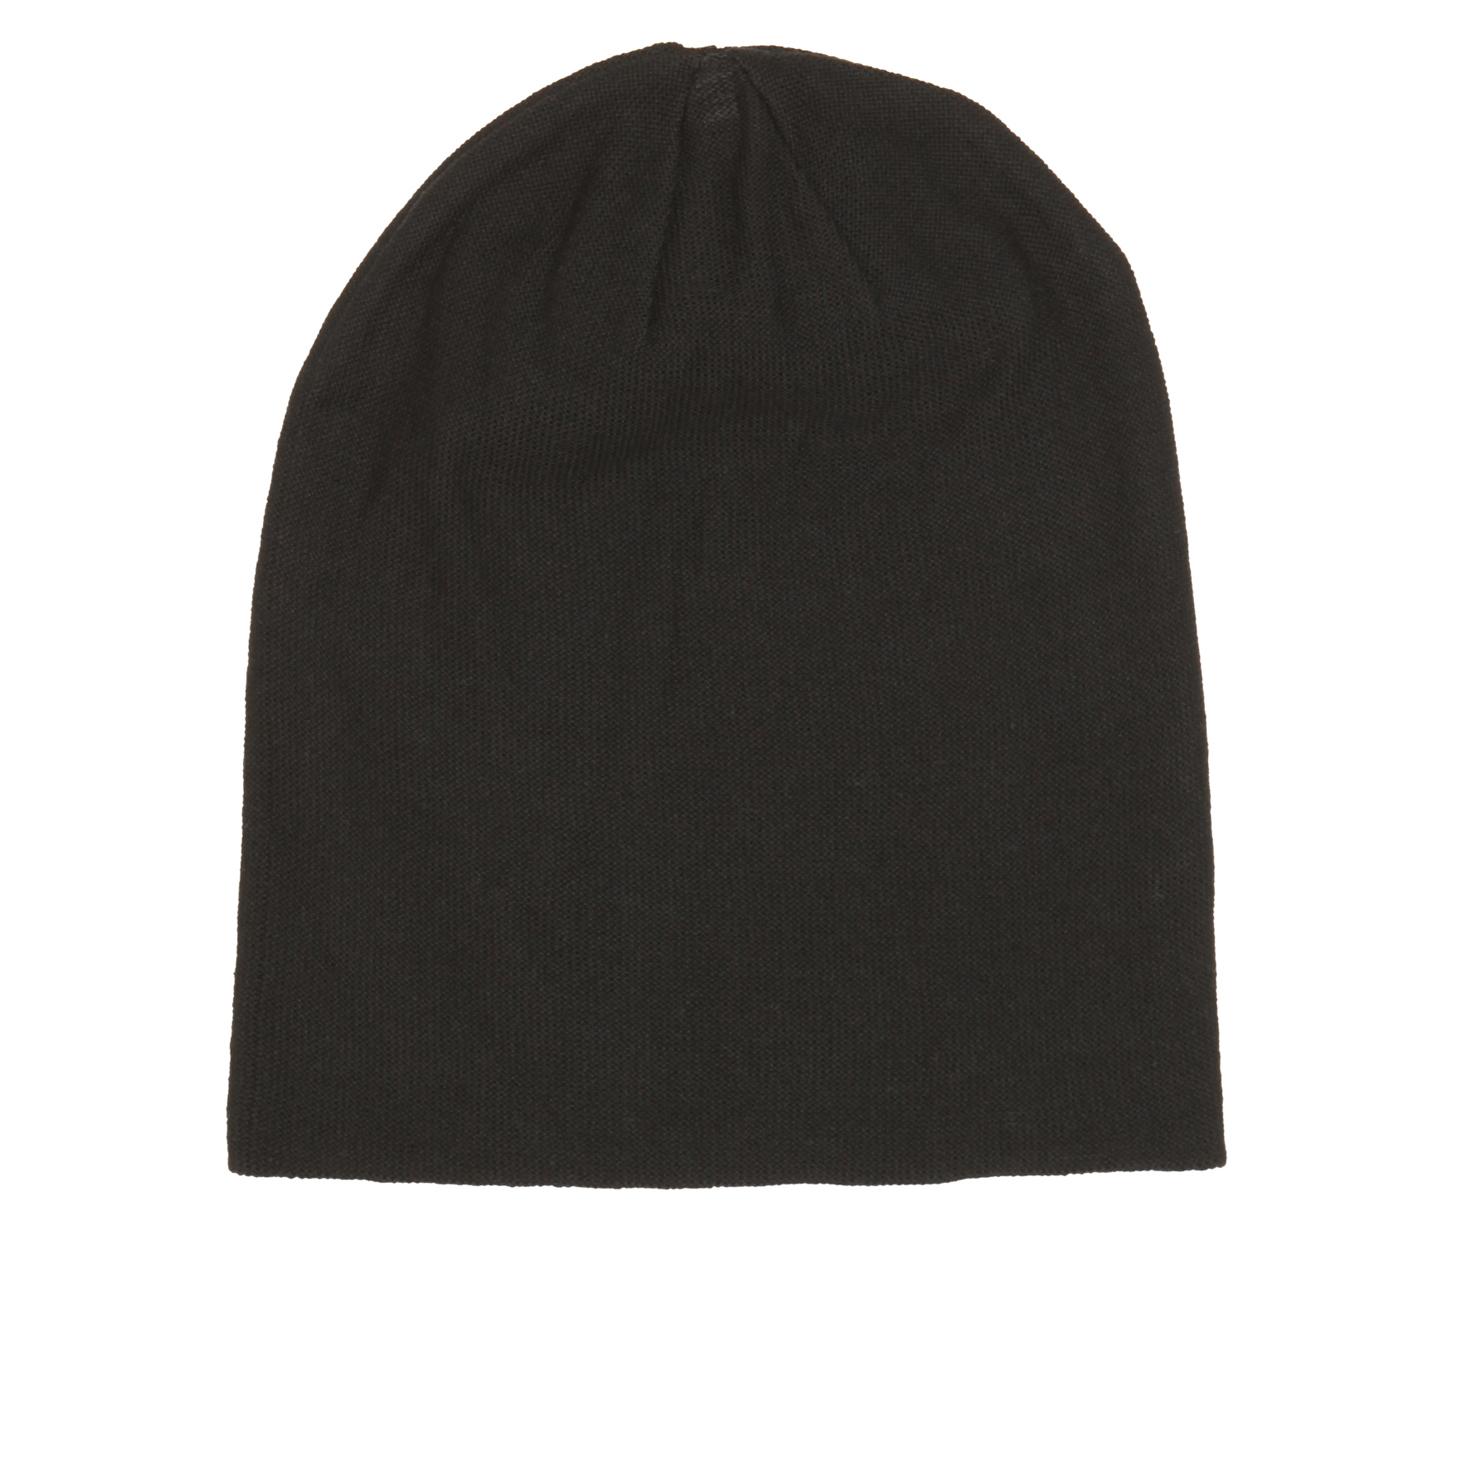 Caciula neagra, pentru barbati, ALDO - Crete98, din material textil